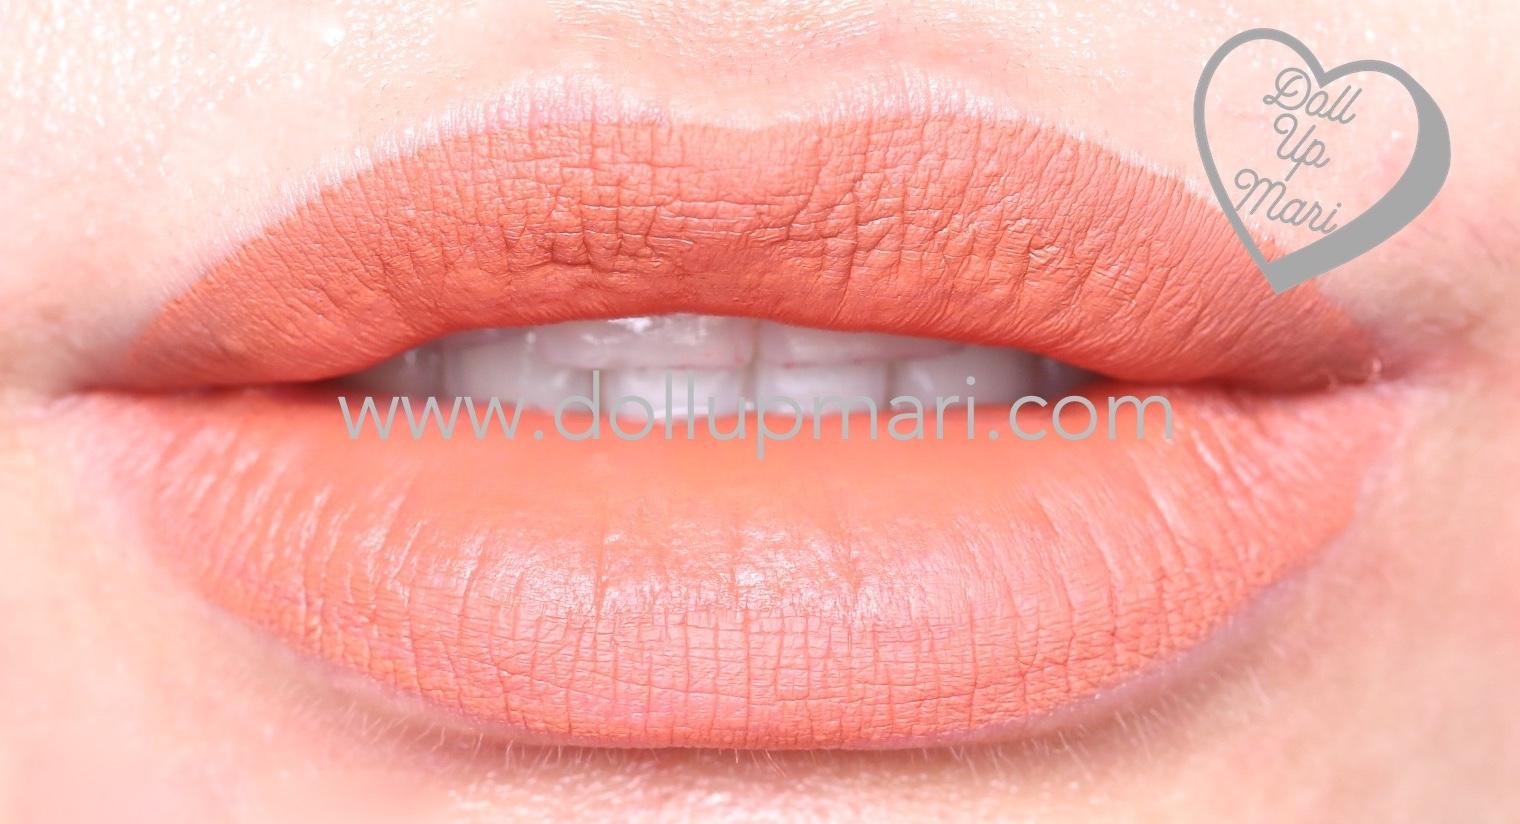 lip swatch of SilkyGirl Matte Junkie Lipcolor (11 Terracotta)